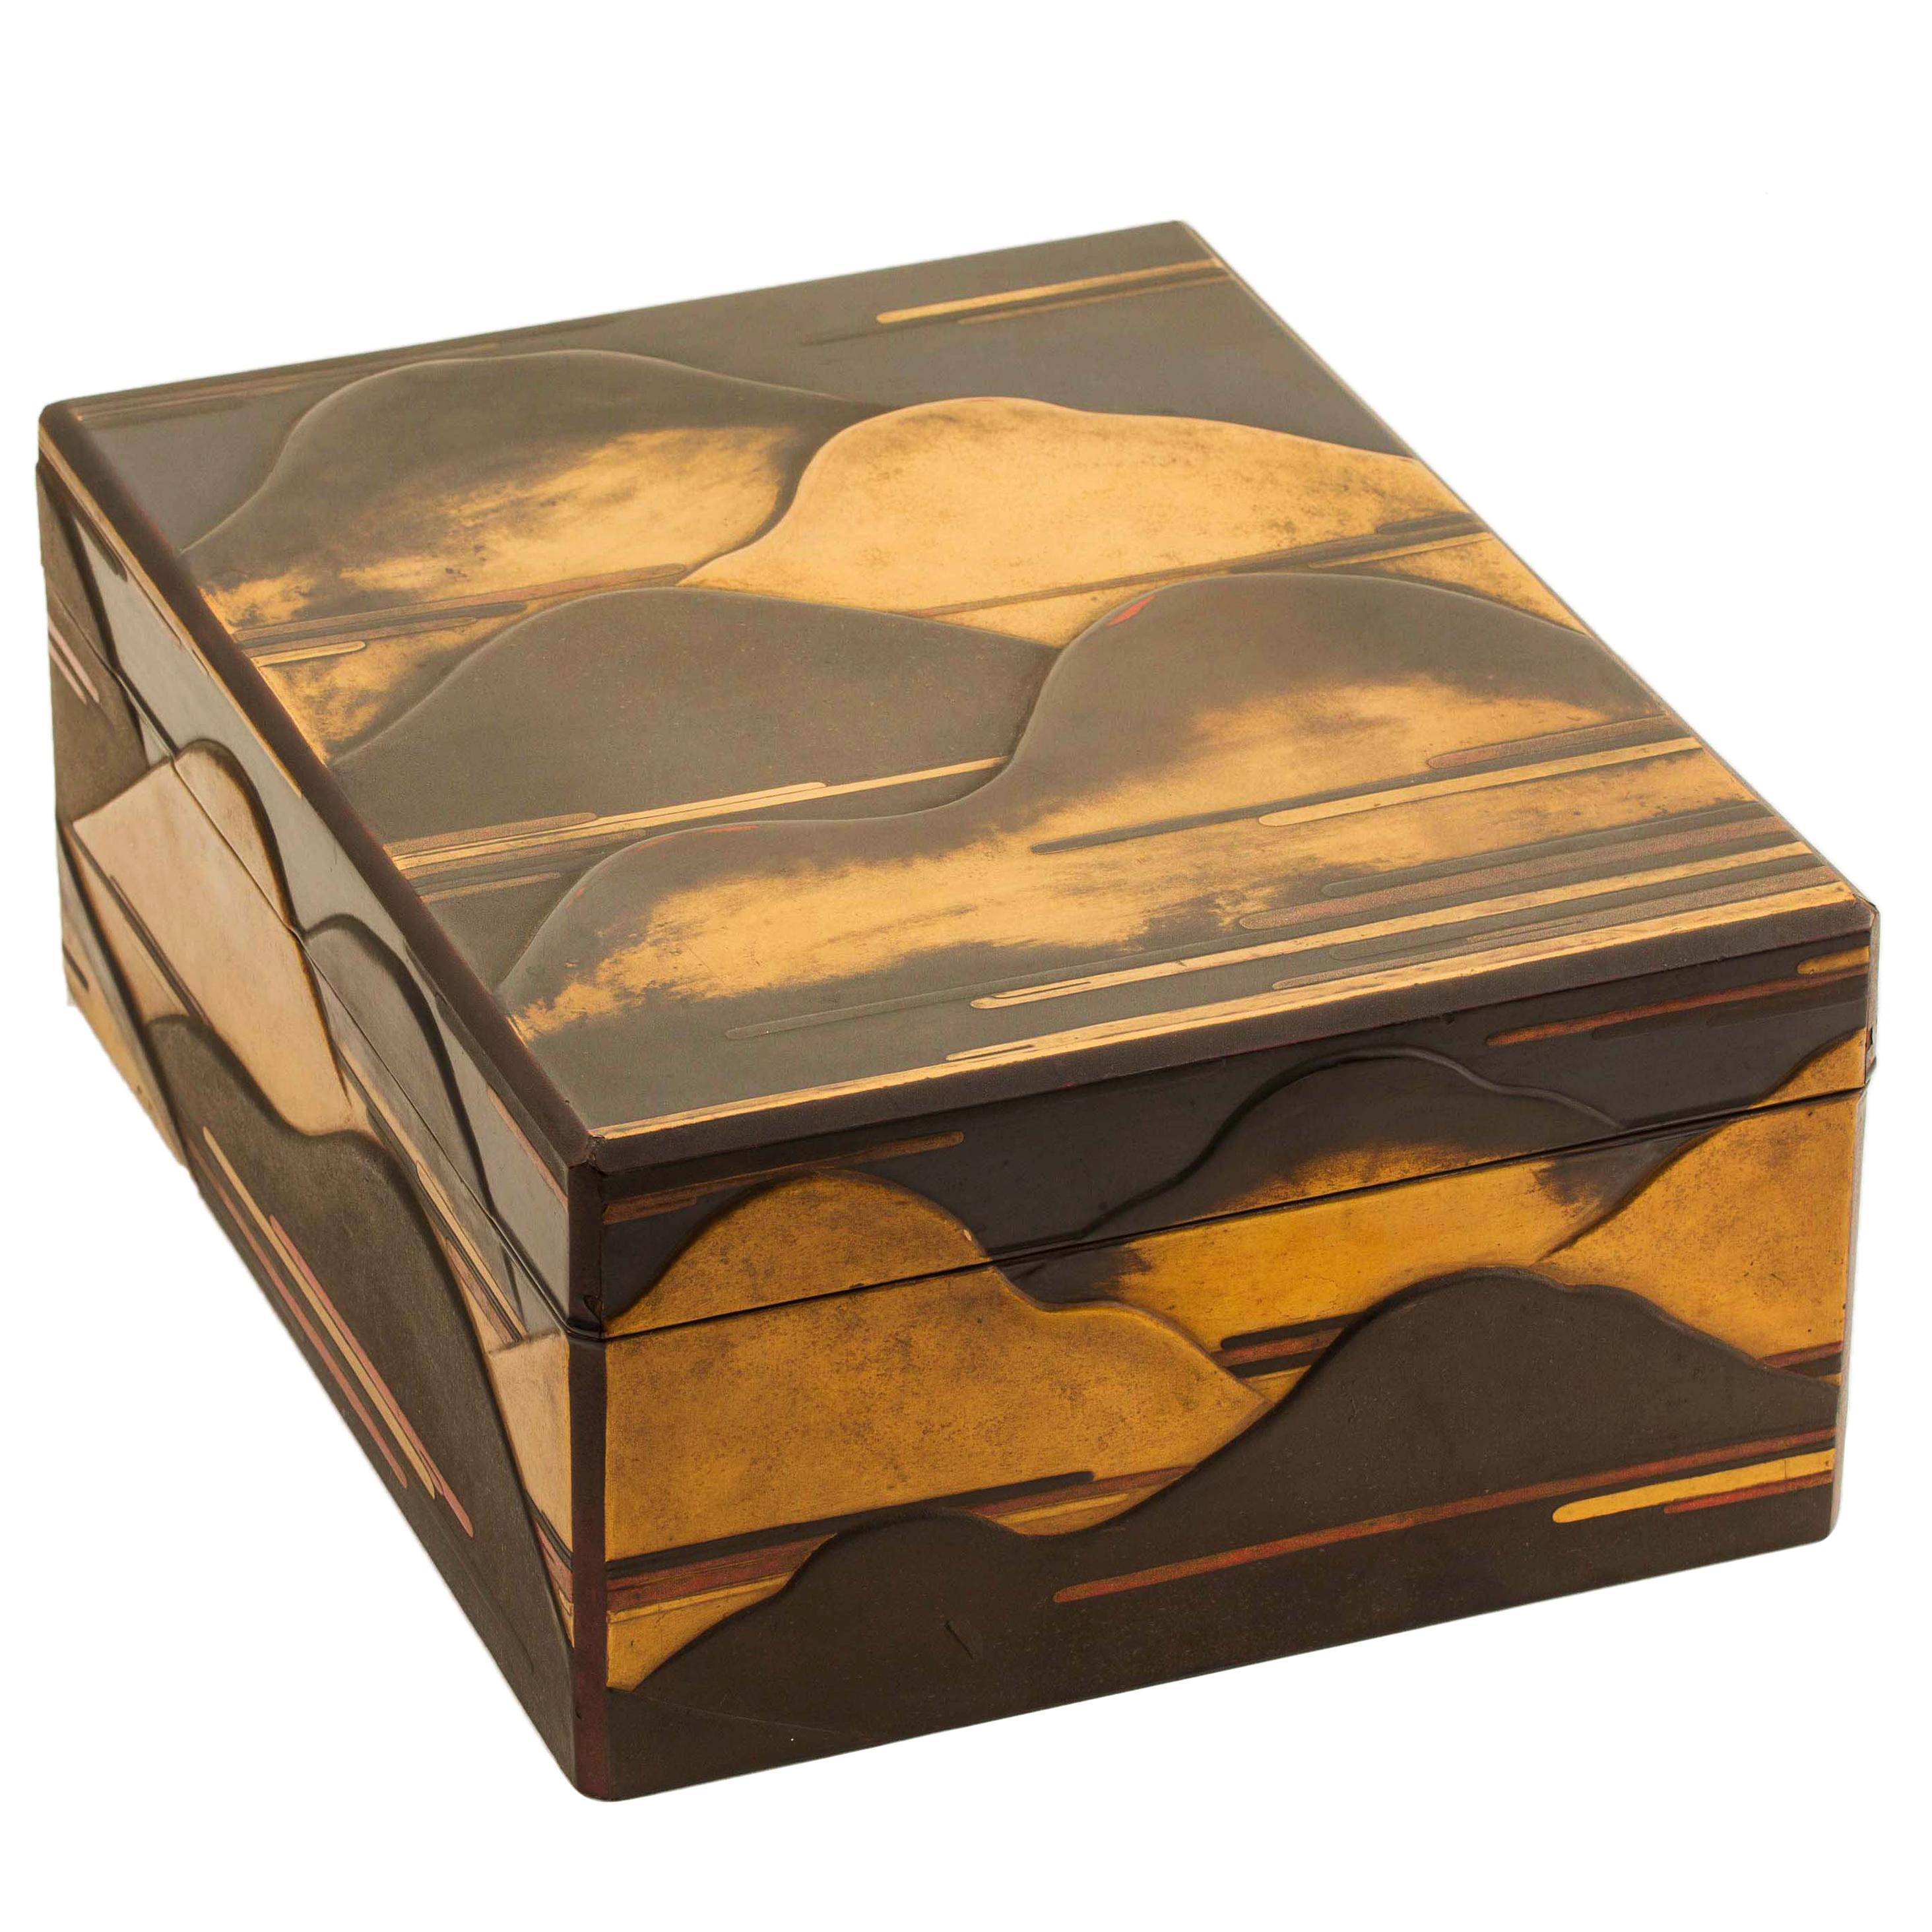 Japanese Black Lacquer Document Box with Mountain Design in Maki-e, Edo Period